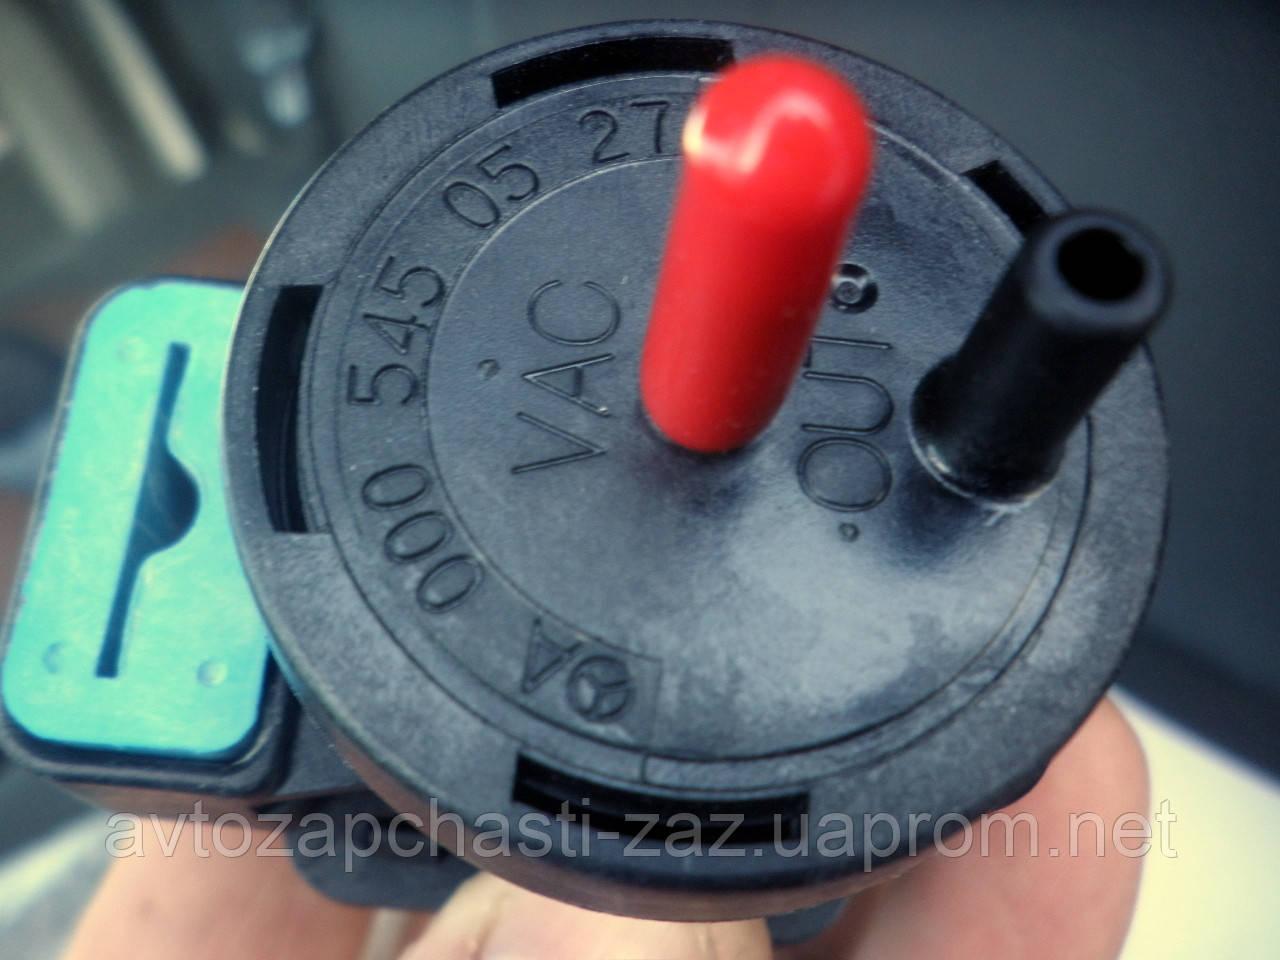 Клапан включения турбины Mercedes Sprinter. Преобразователь давления турбокомпрессора Vito CDI A0005450527W - Магазин «Автозапчасти ЗАЗ». Запчасти Таврия, Славута, Запорожец, ЛуАЗ, Ланос-Сенс, Forza, Авео-Vida в Одессе